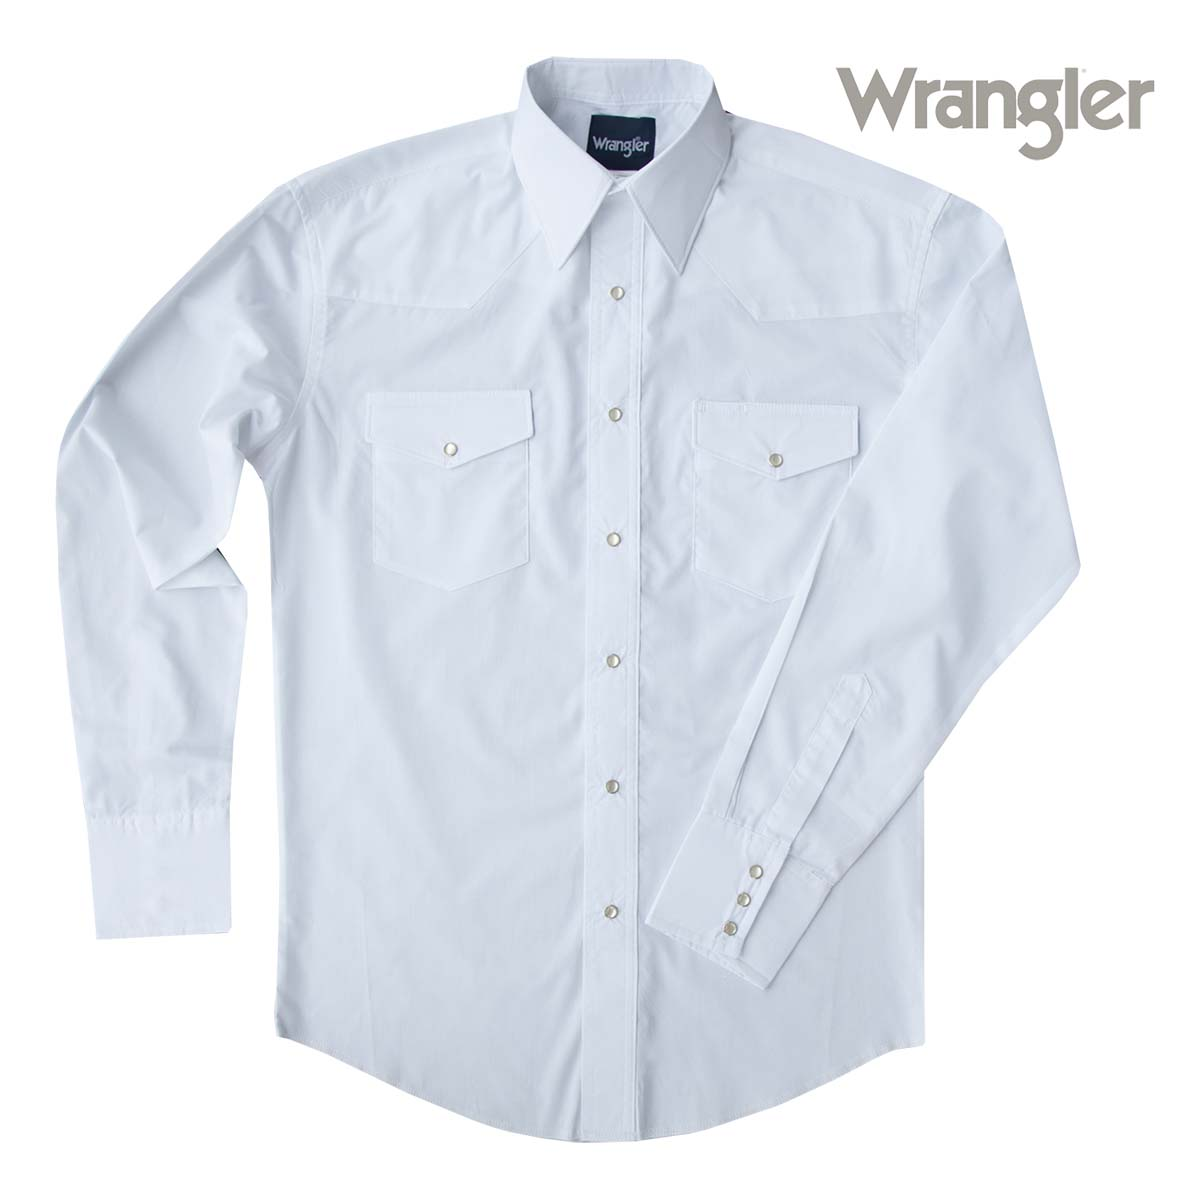 画像1: ラングラー ウエスタンシャツ ホワイト無地(長袖)/Wrangler Long Sleeve Western Shirt(White)